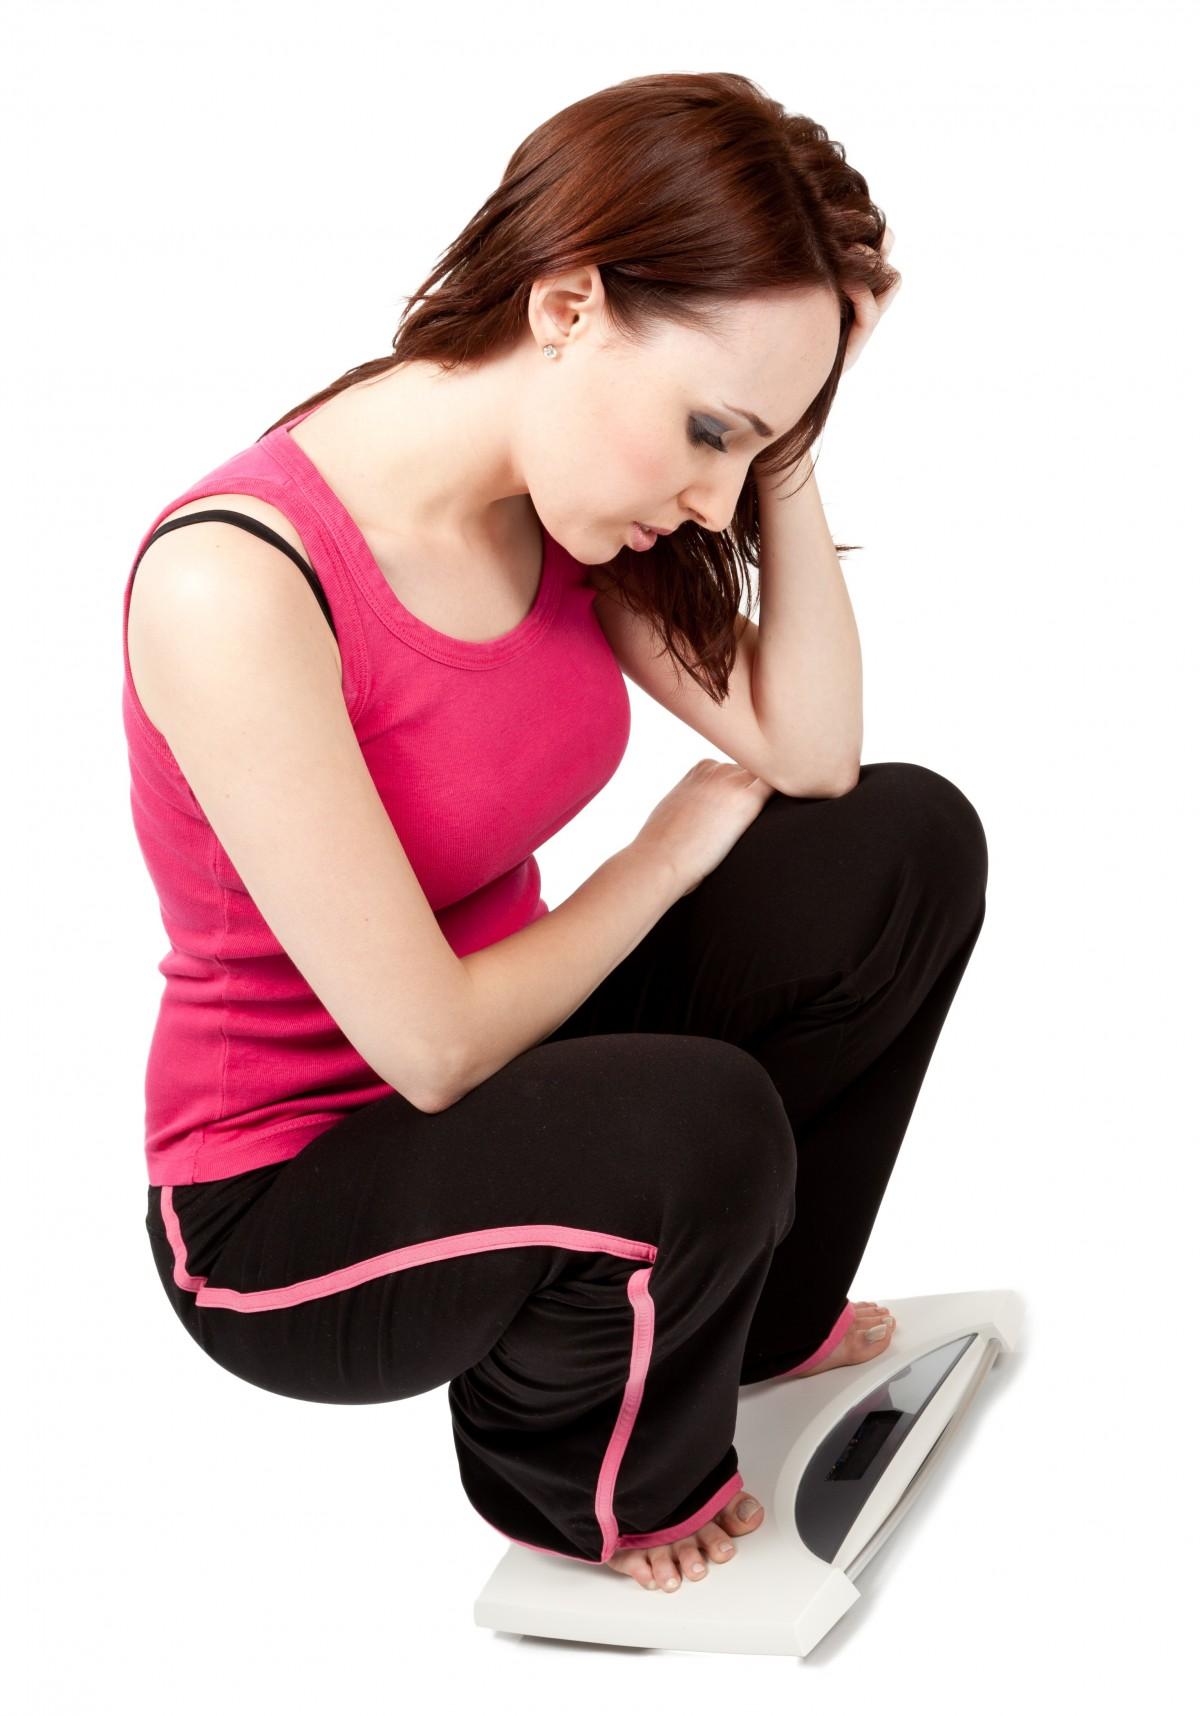 Badania kliniczne dały odpowiedź na pytanie, jak przyspieszyć spalanie tłuszczu